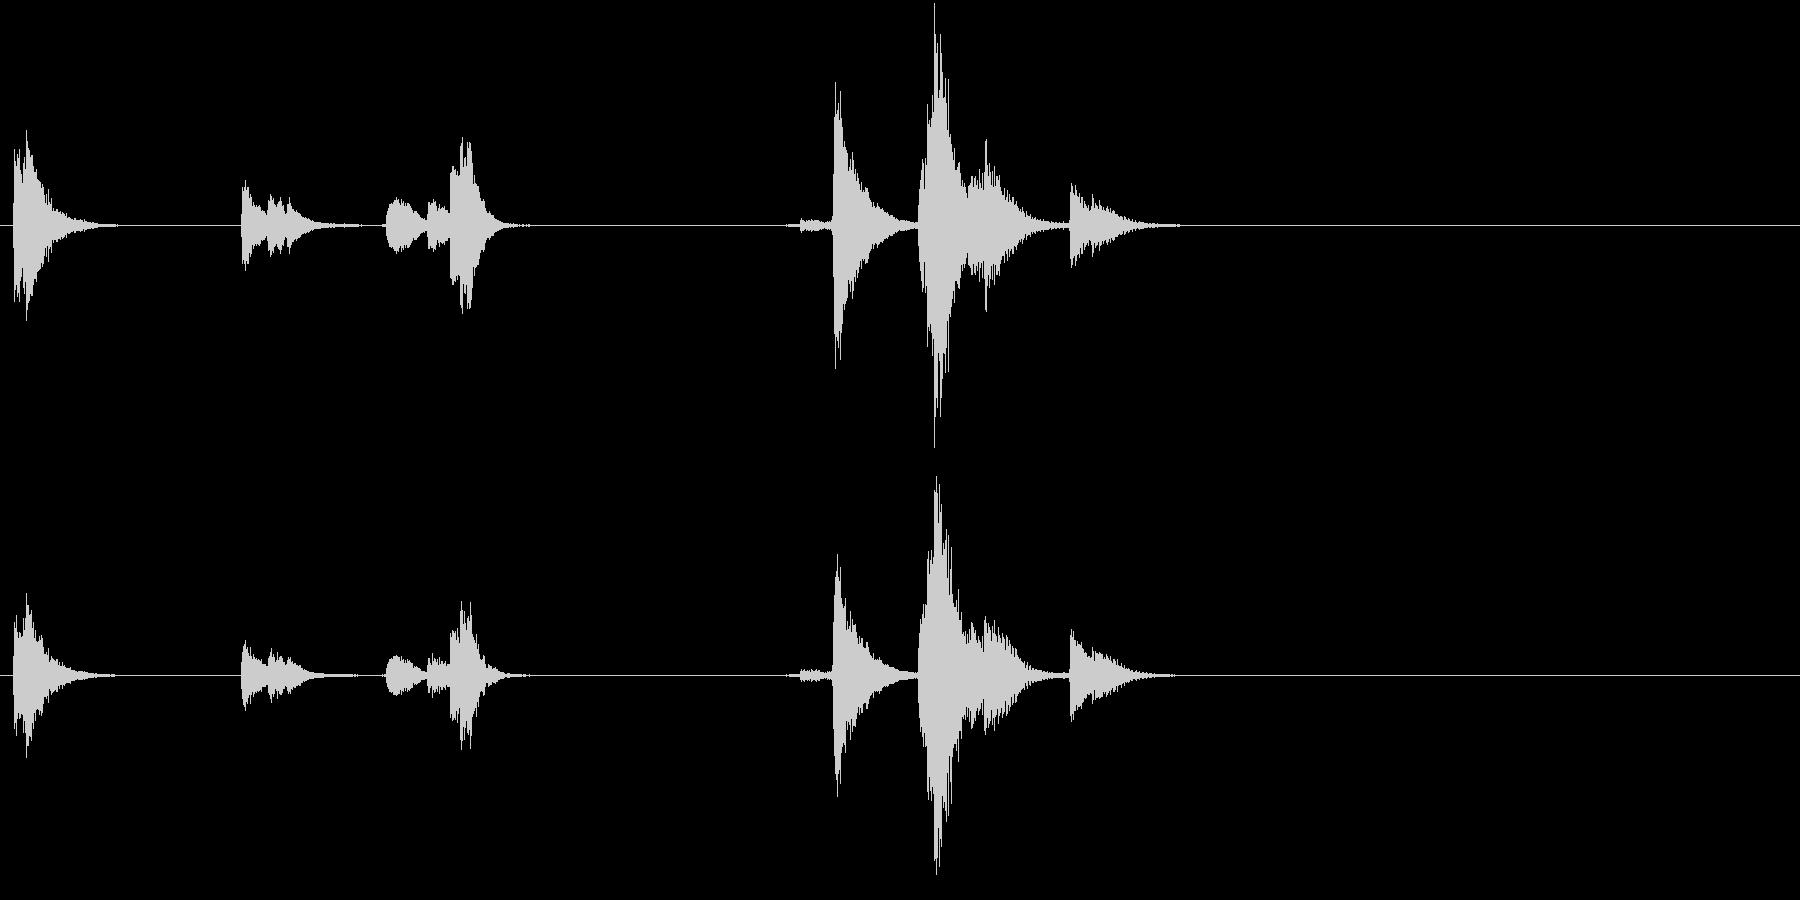 【生録音】TeaCup 食器の音 4の未再生の波形